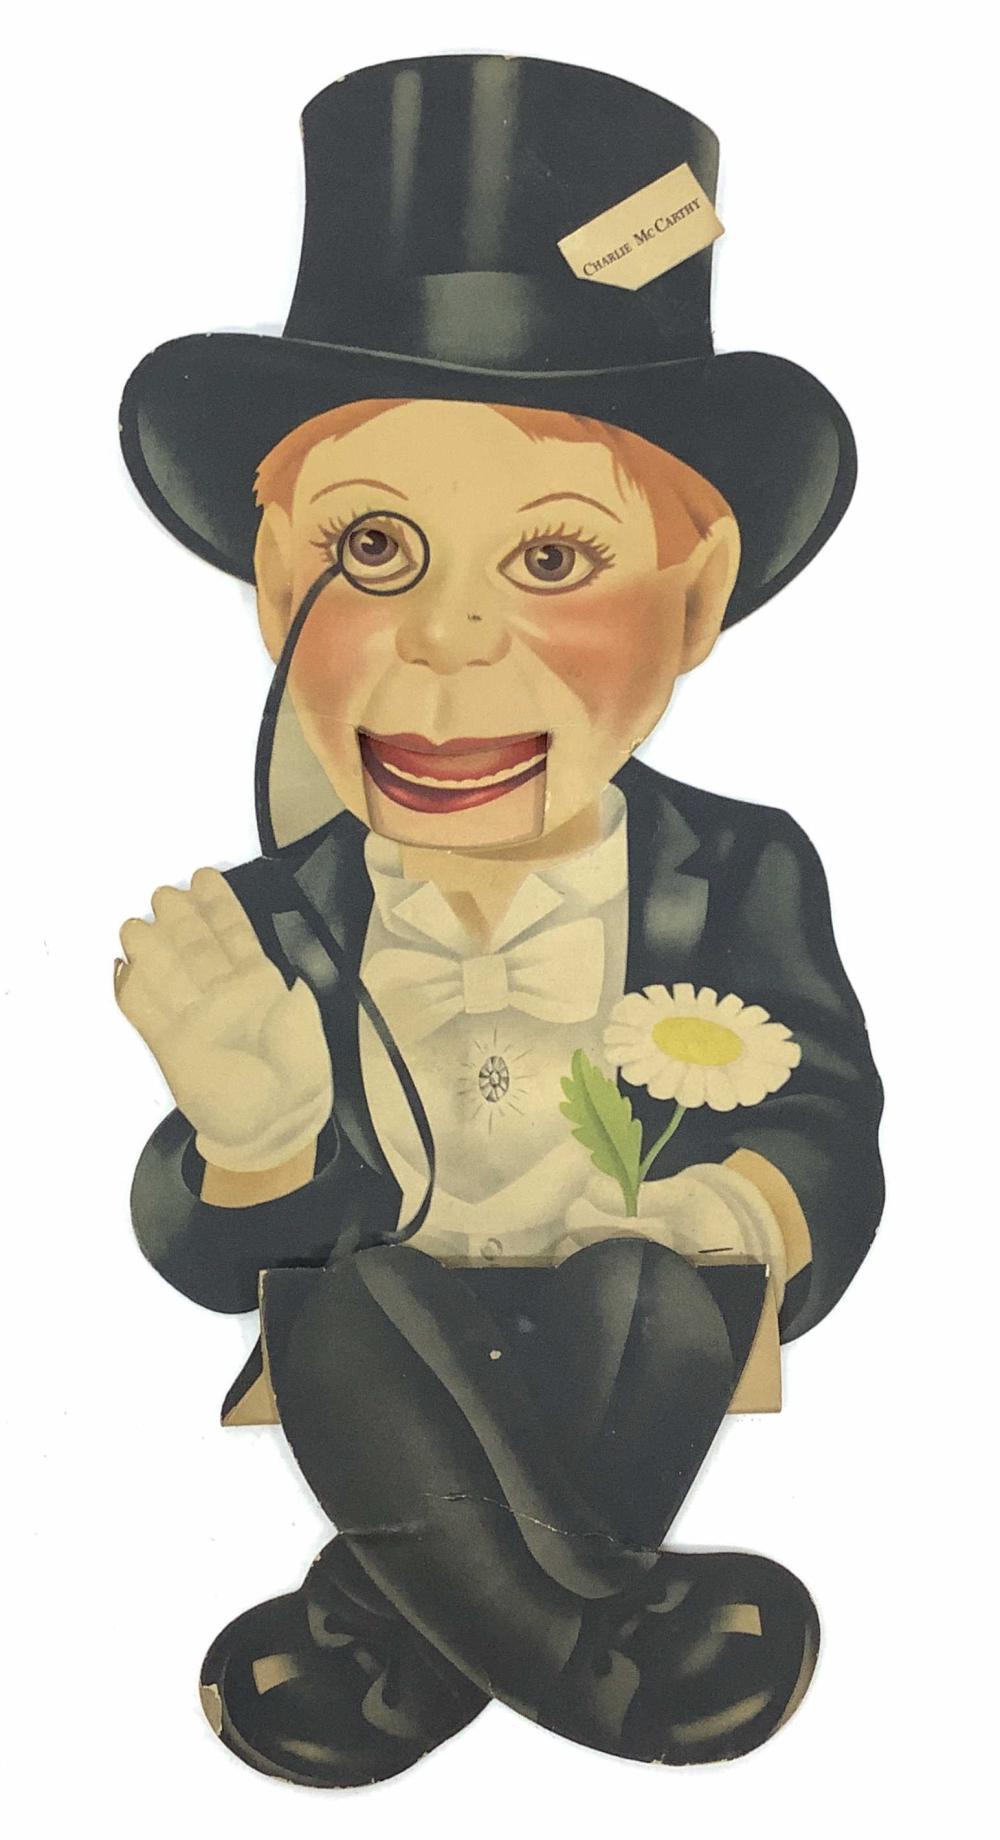 c.1920 Charlie McCarthy Die Cut Cardboard Puppet